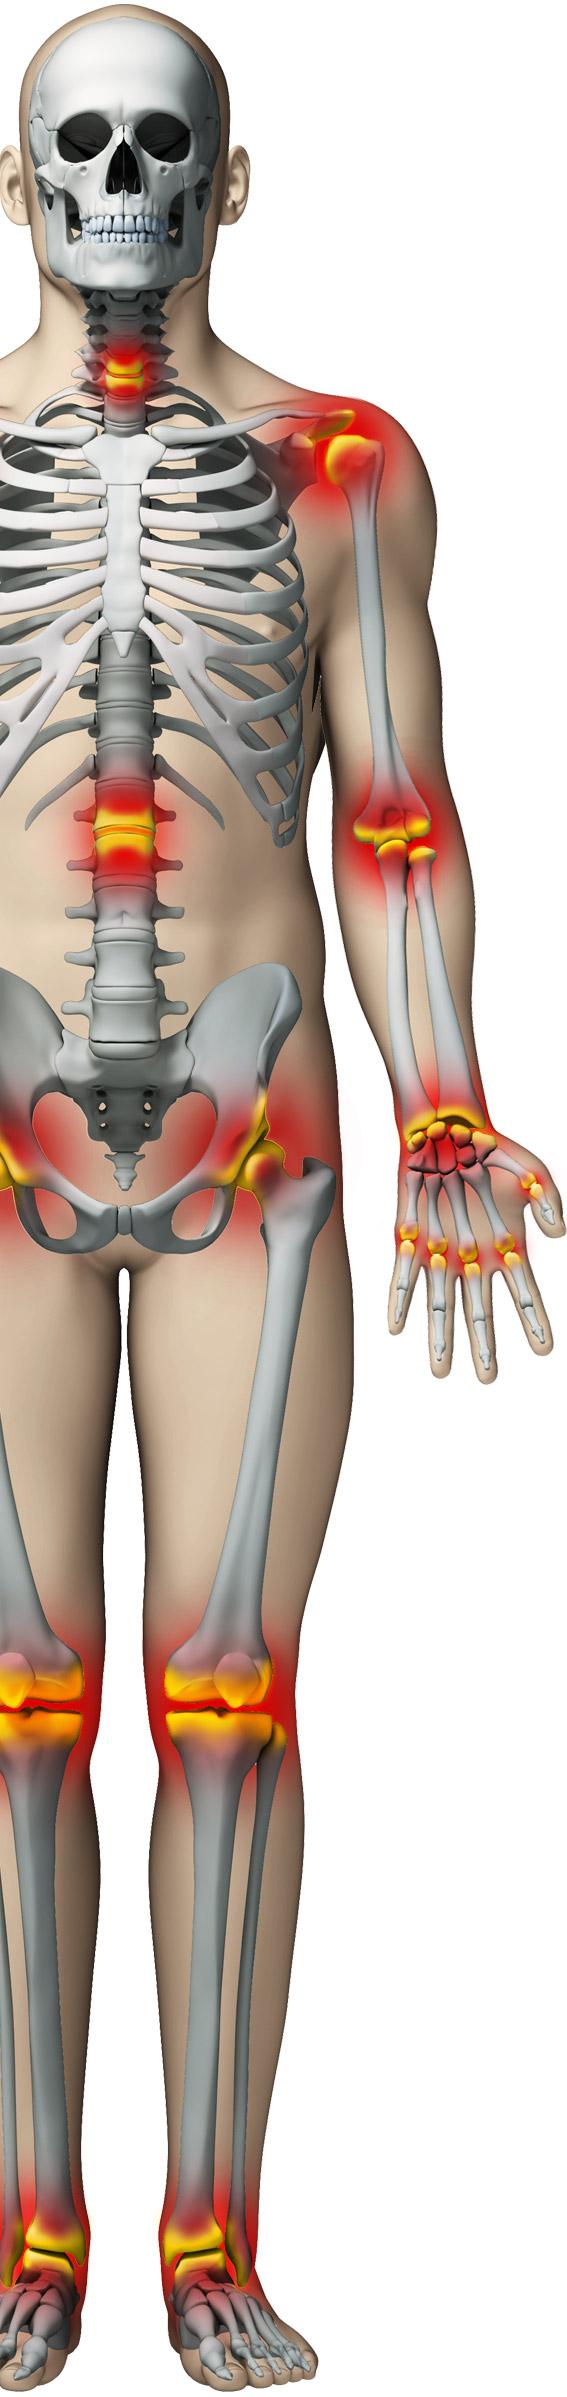 cauza bolilor articulațiilor mâinilor în diabet artrita articulației genunchiului